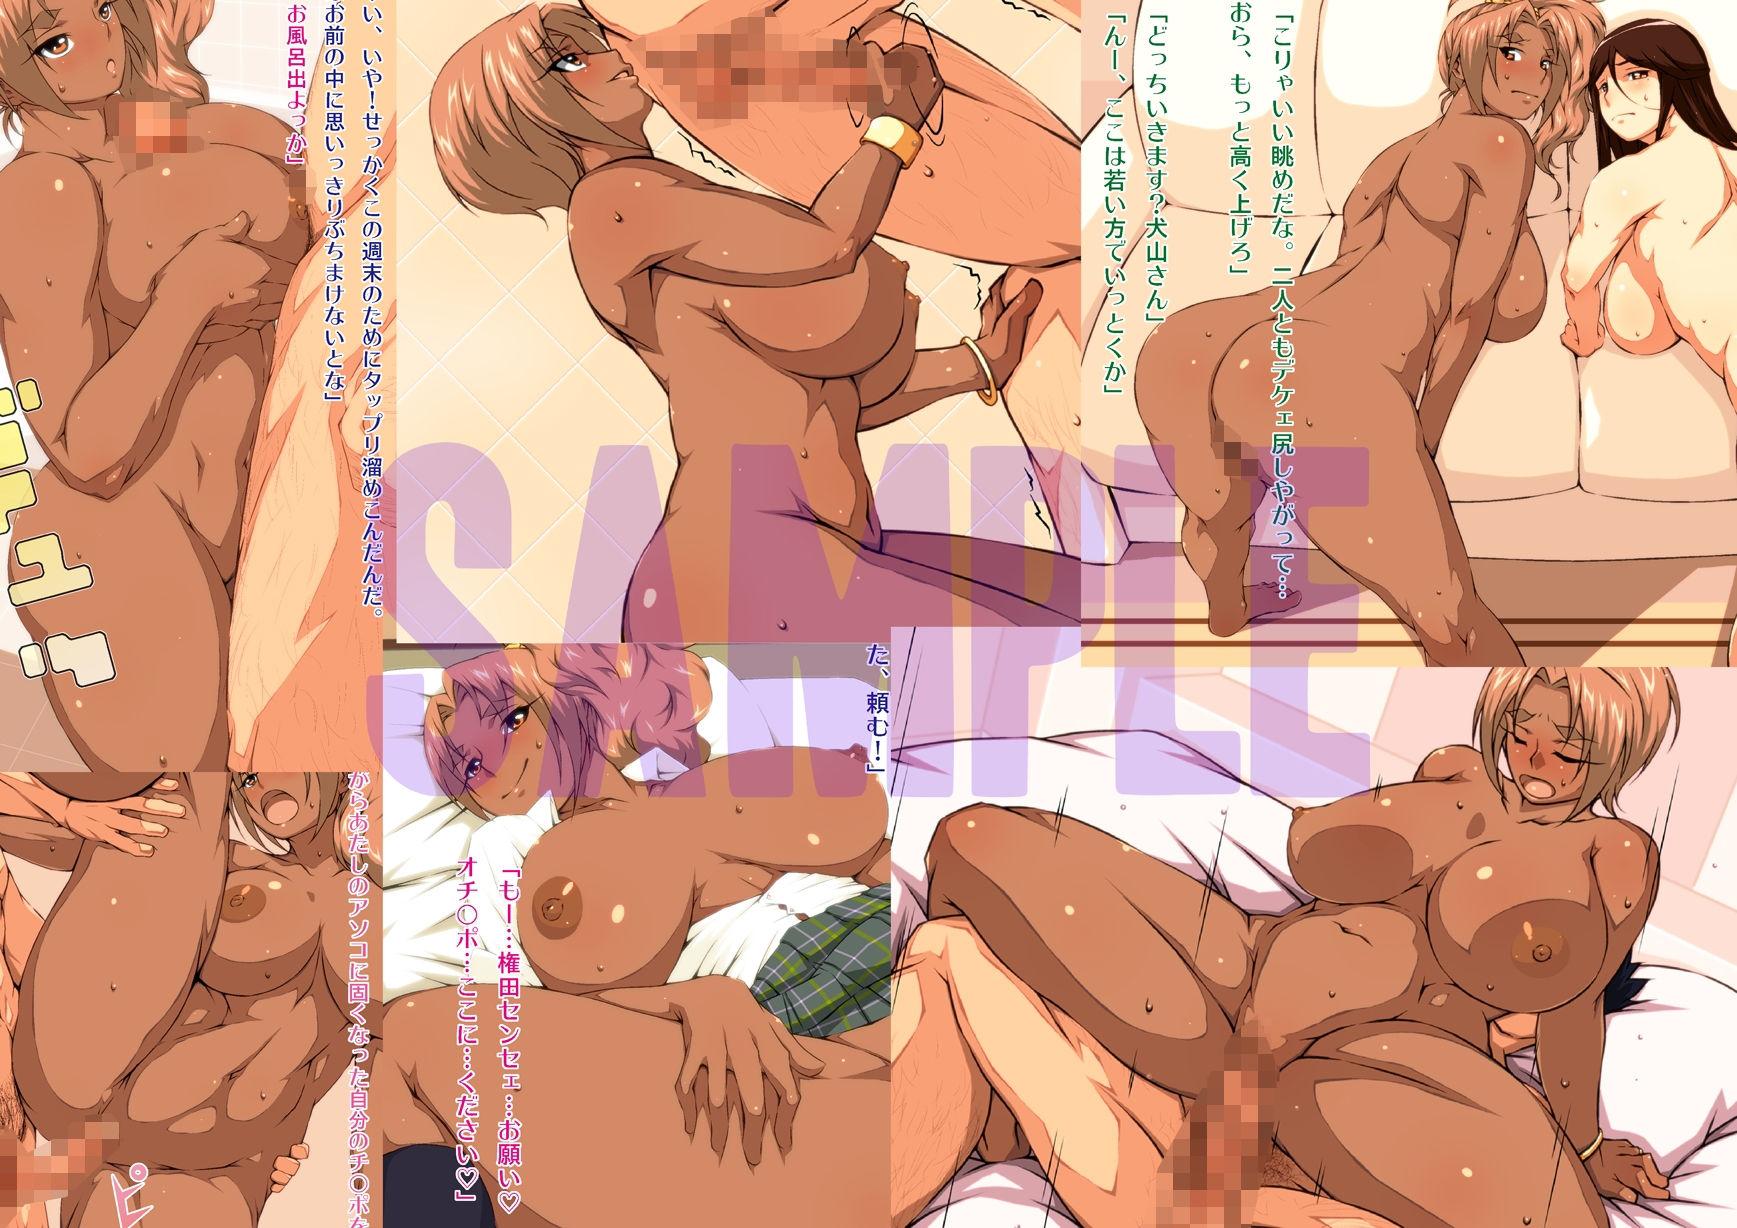 黒ギャル亮子ちゃんコレクション Vol.1